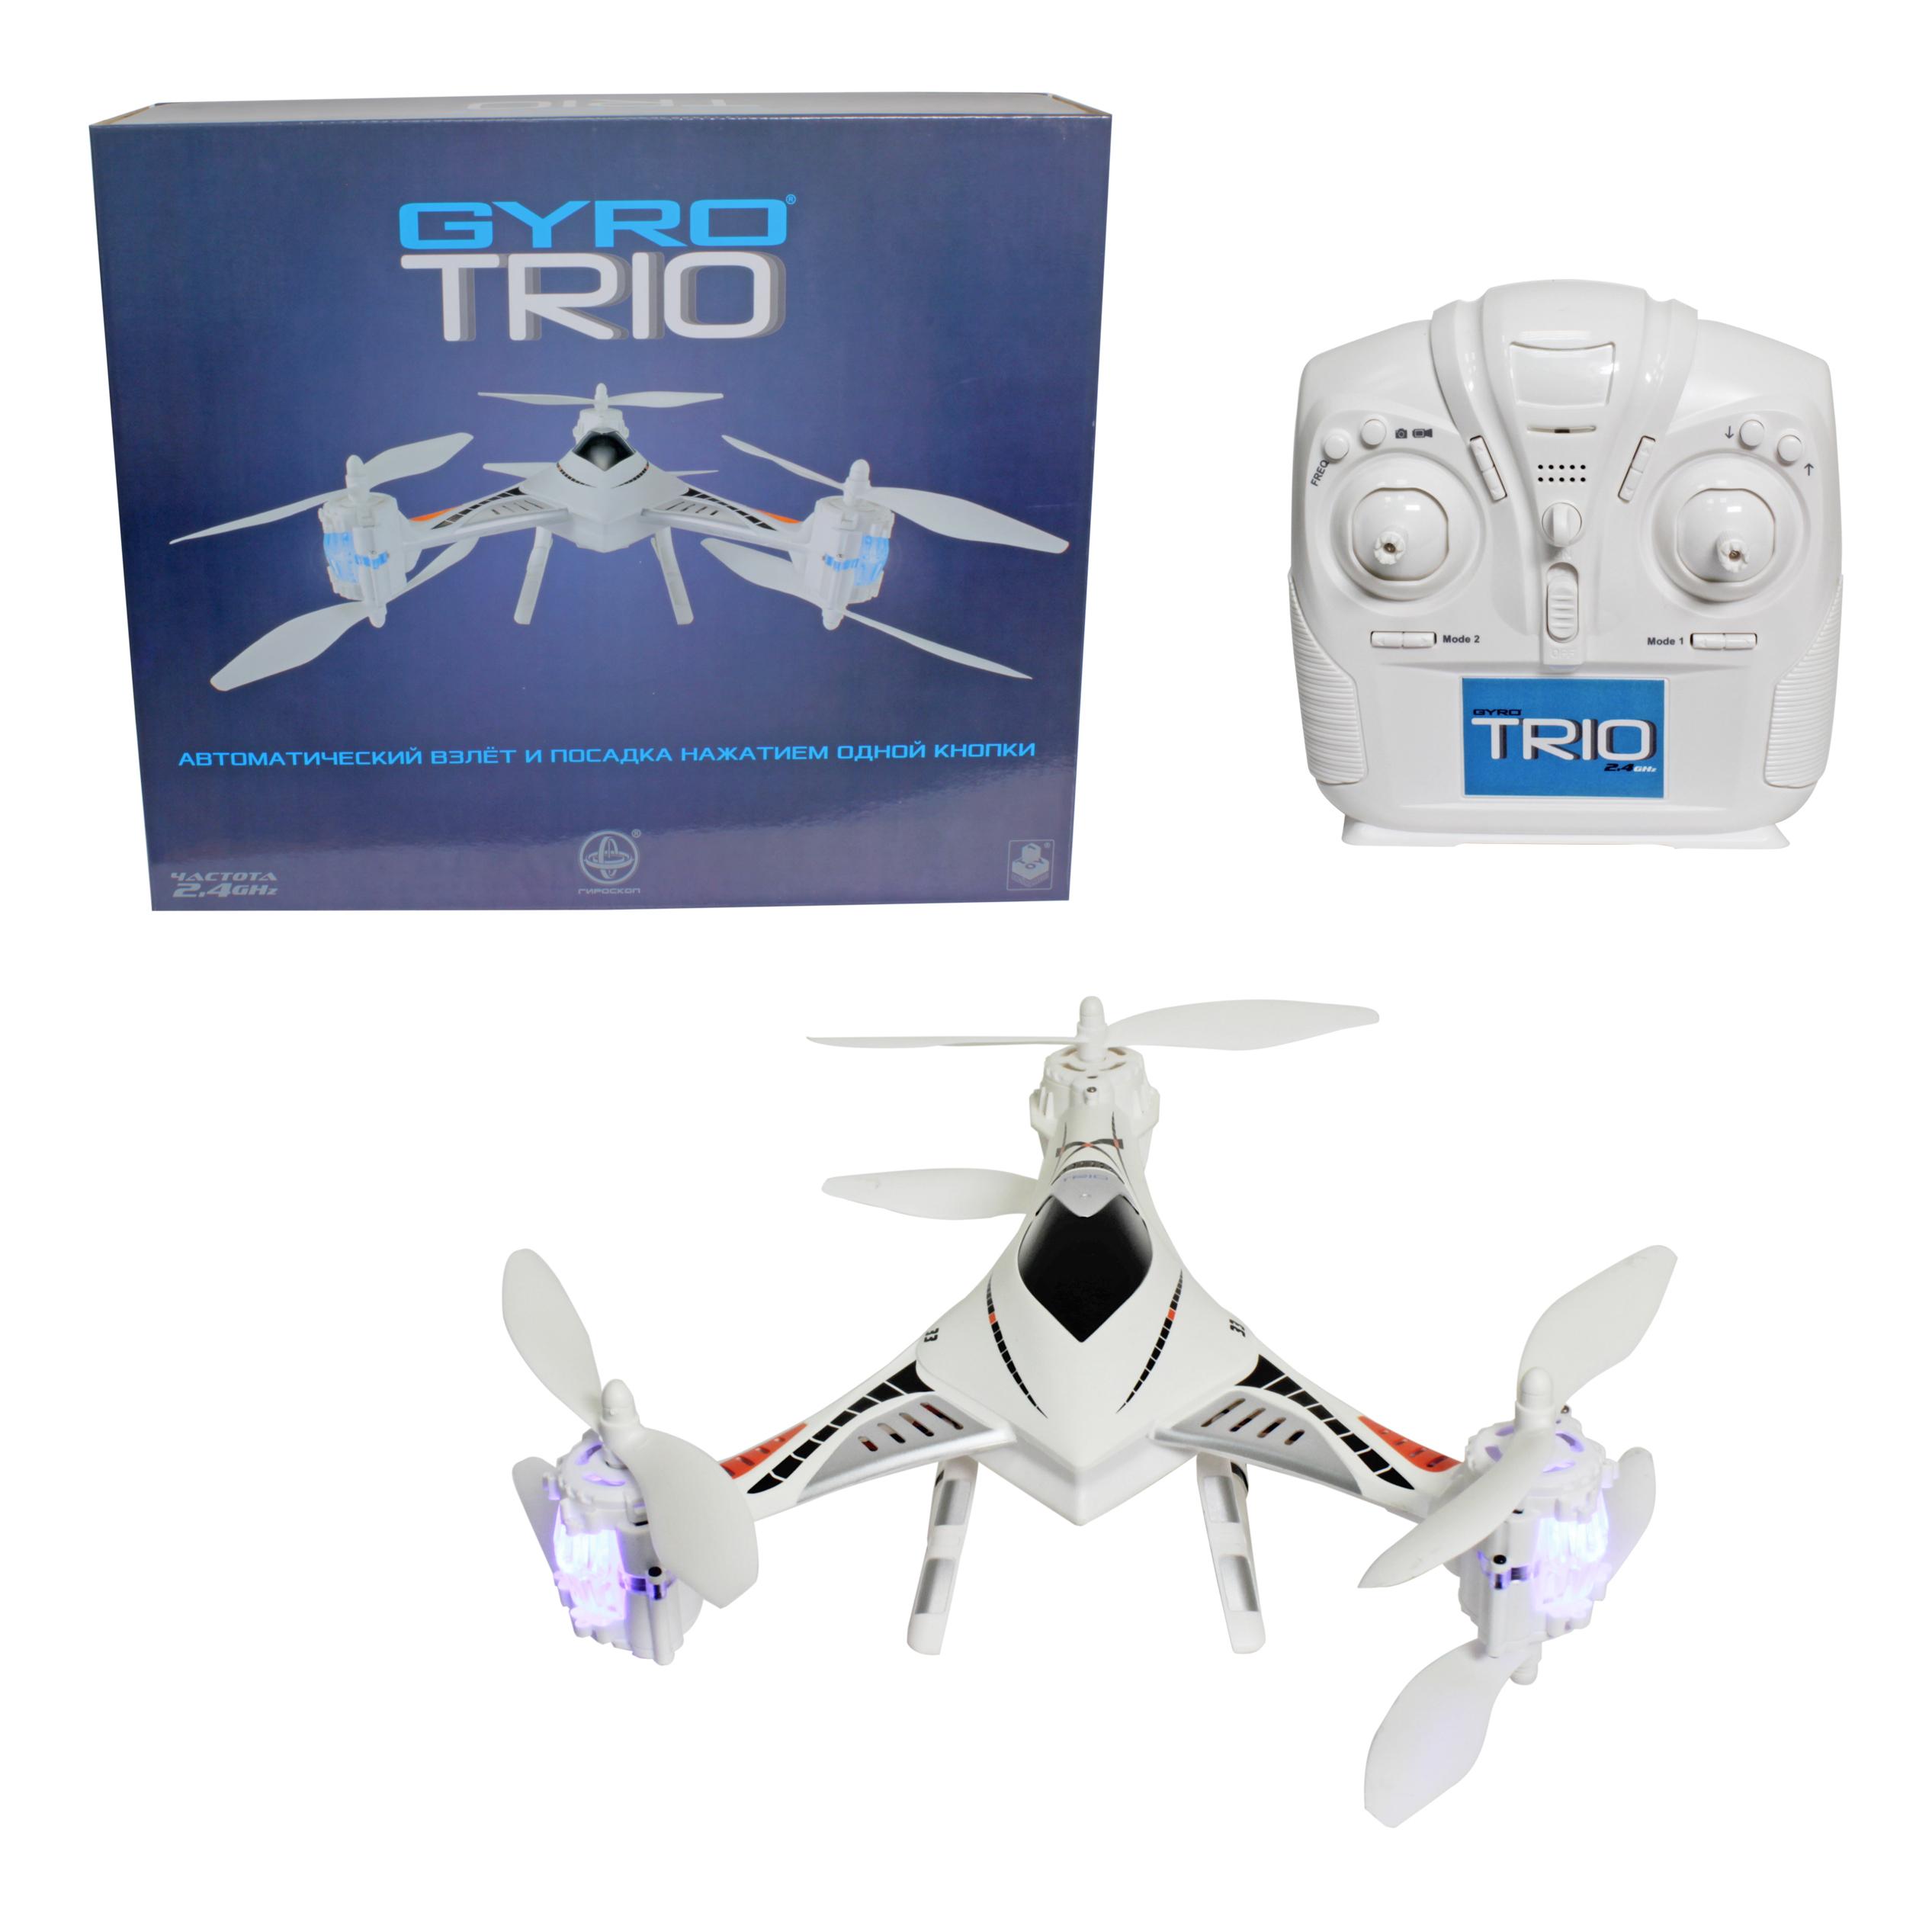 Купить Радиоуправляемый квадрокоптер 1TOY GYRO-Trio, 1 TOY, Квадрокоптеры для детей